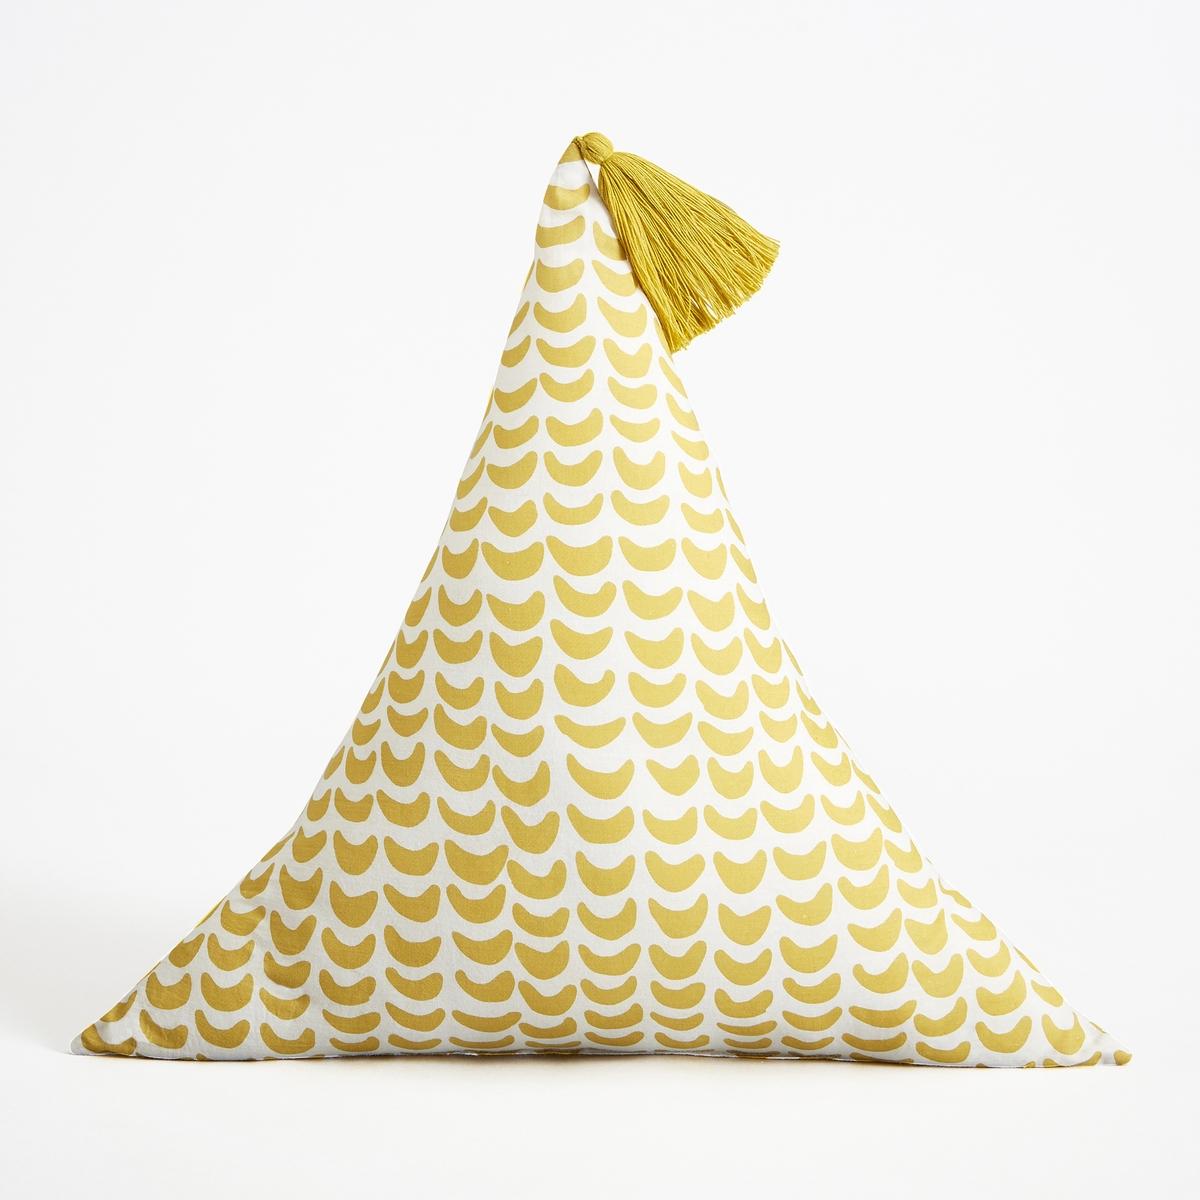 Подушка треугольная, OlayaХарактеристики: - Покрытие из 100% хлопковой вуали с рисунком- Наполнитель 100% полиэстер- Машинная стирка при 40 °C.Размеры  :- Ш.40 x В.40 x Г.40 см<br><br>Цвет: желтый,зеленый,розовый<br>Размер: единый размер.единый размер